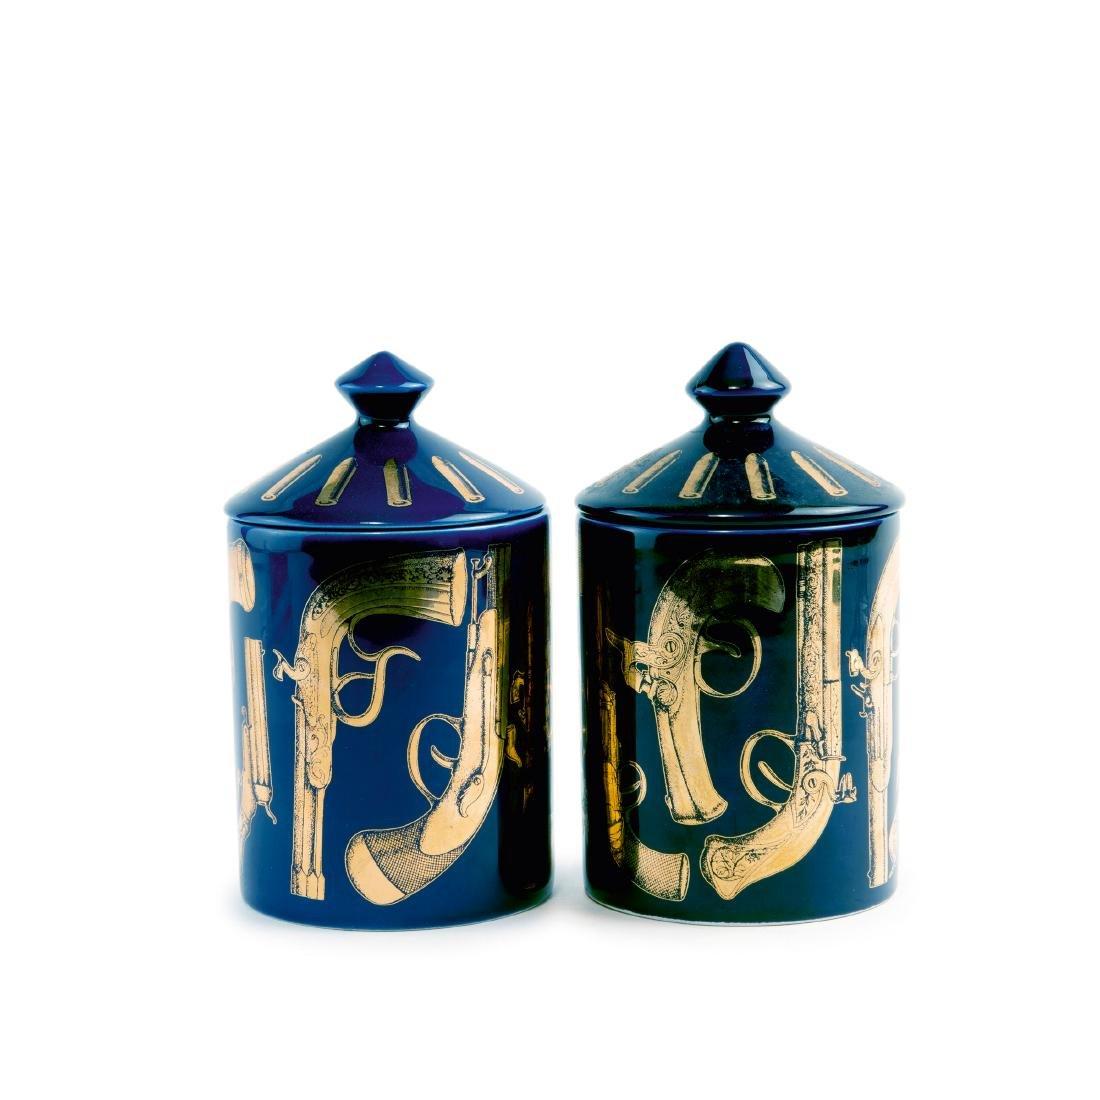 Two 'Pistole' jars, 2010s